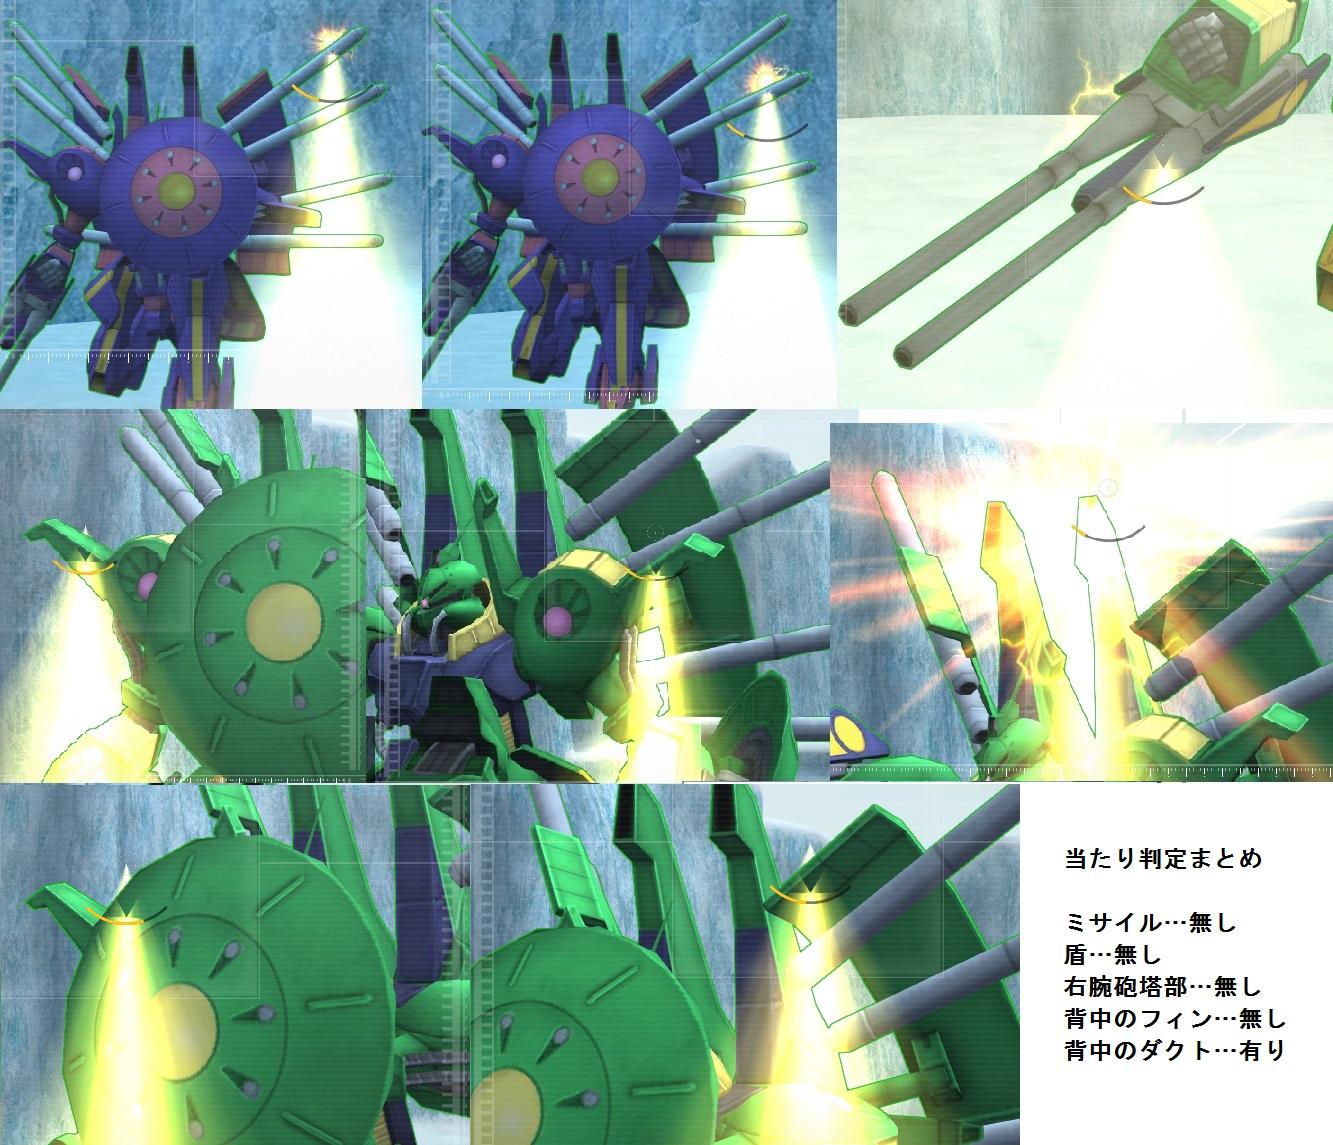 機動戦士ガンダムオンラインPart5415 [無断転載禁止]©2ch.netYouTube動画>4本 ->画像>213枚